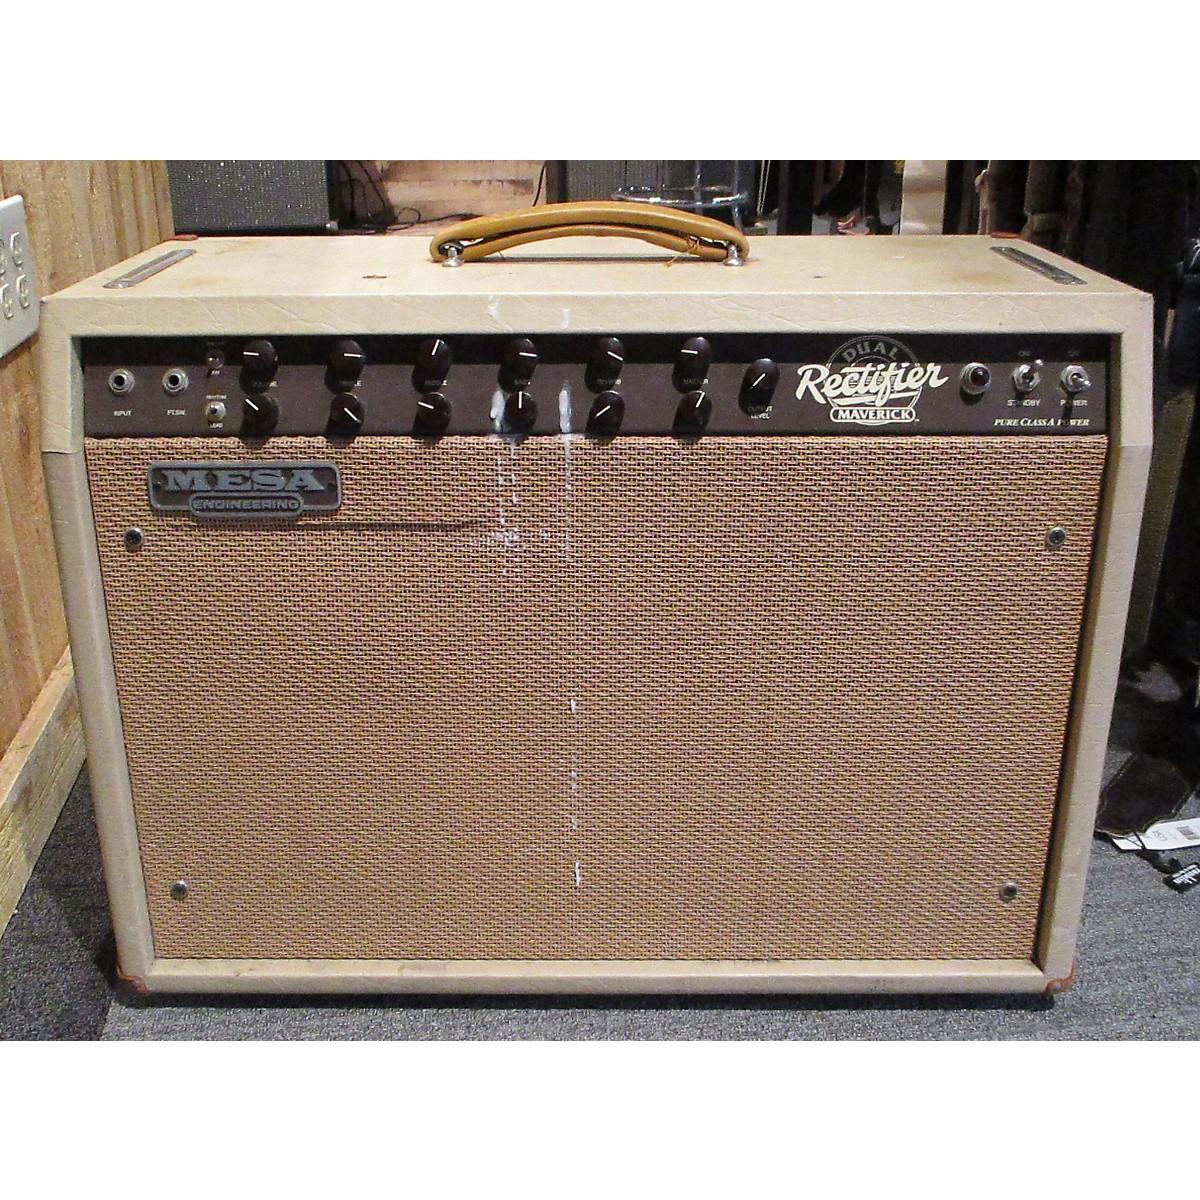 Mesa Boogie Dual Rectifier Maverick 2x12 Tube Guitar Combo Amp